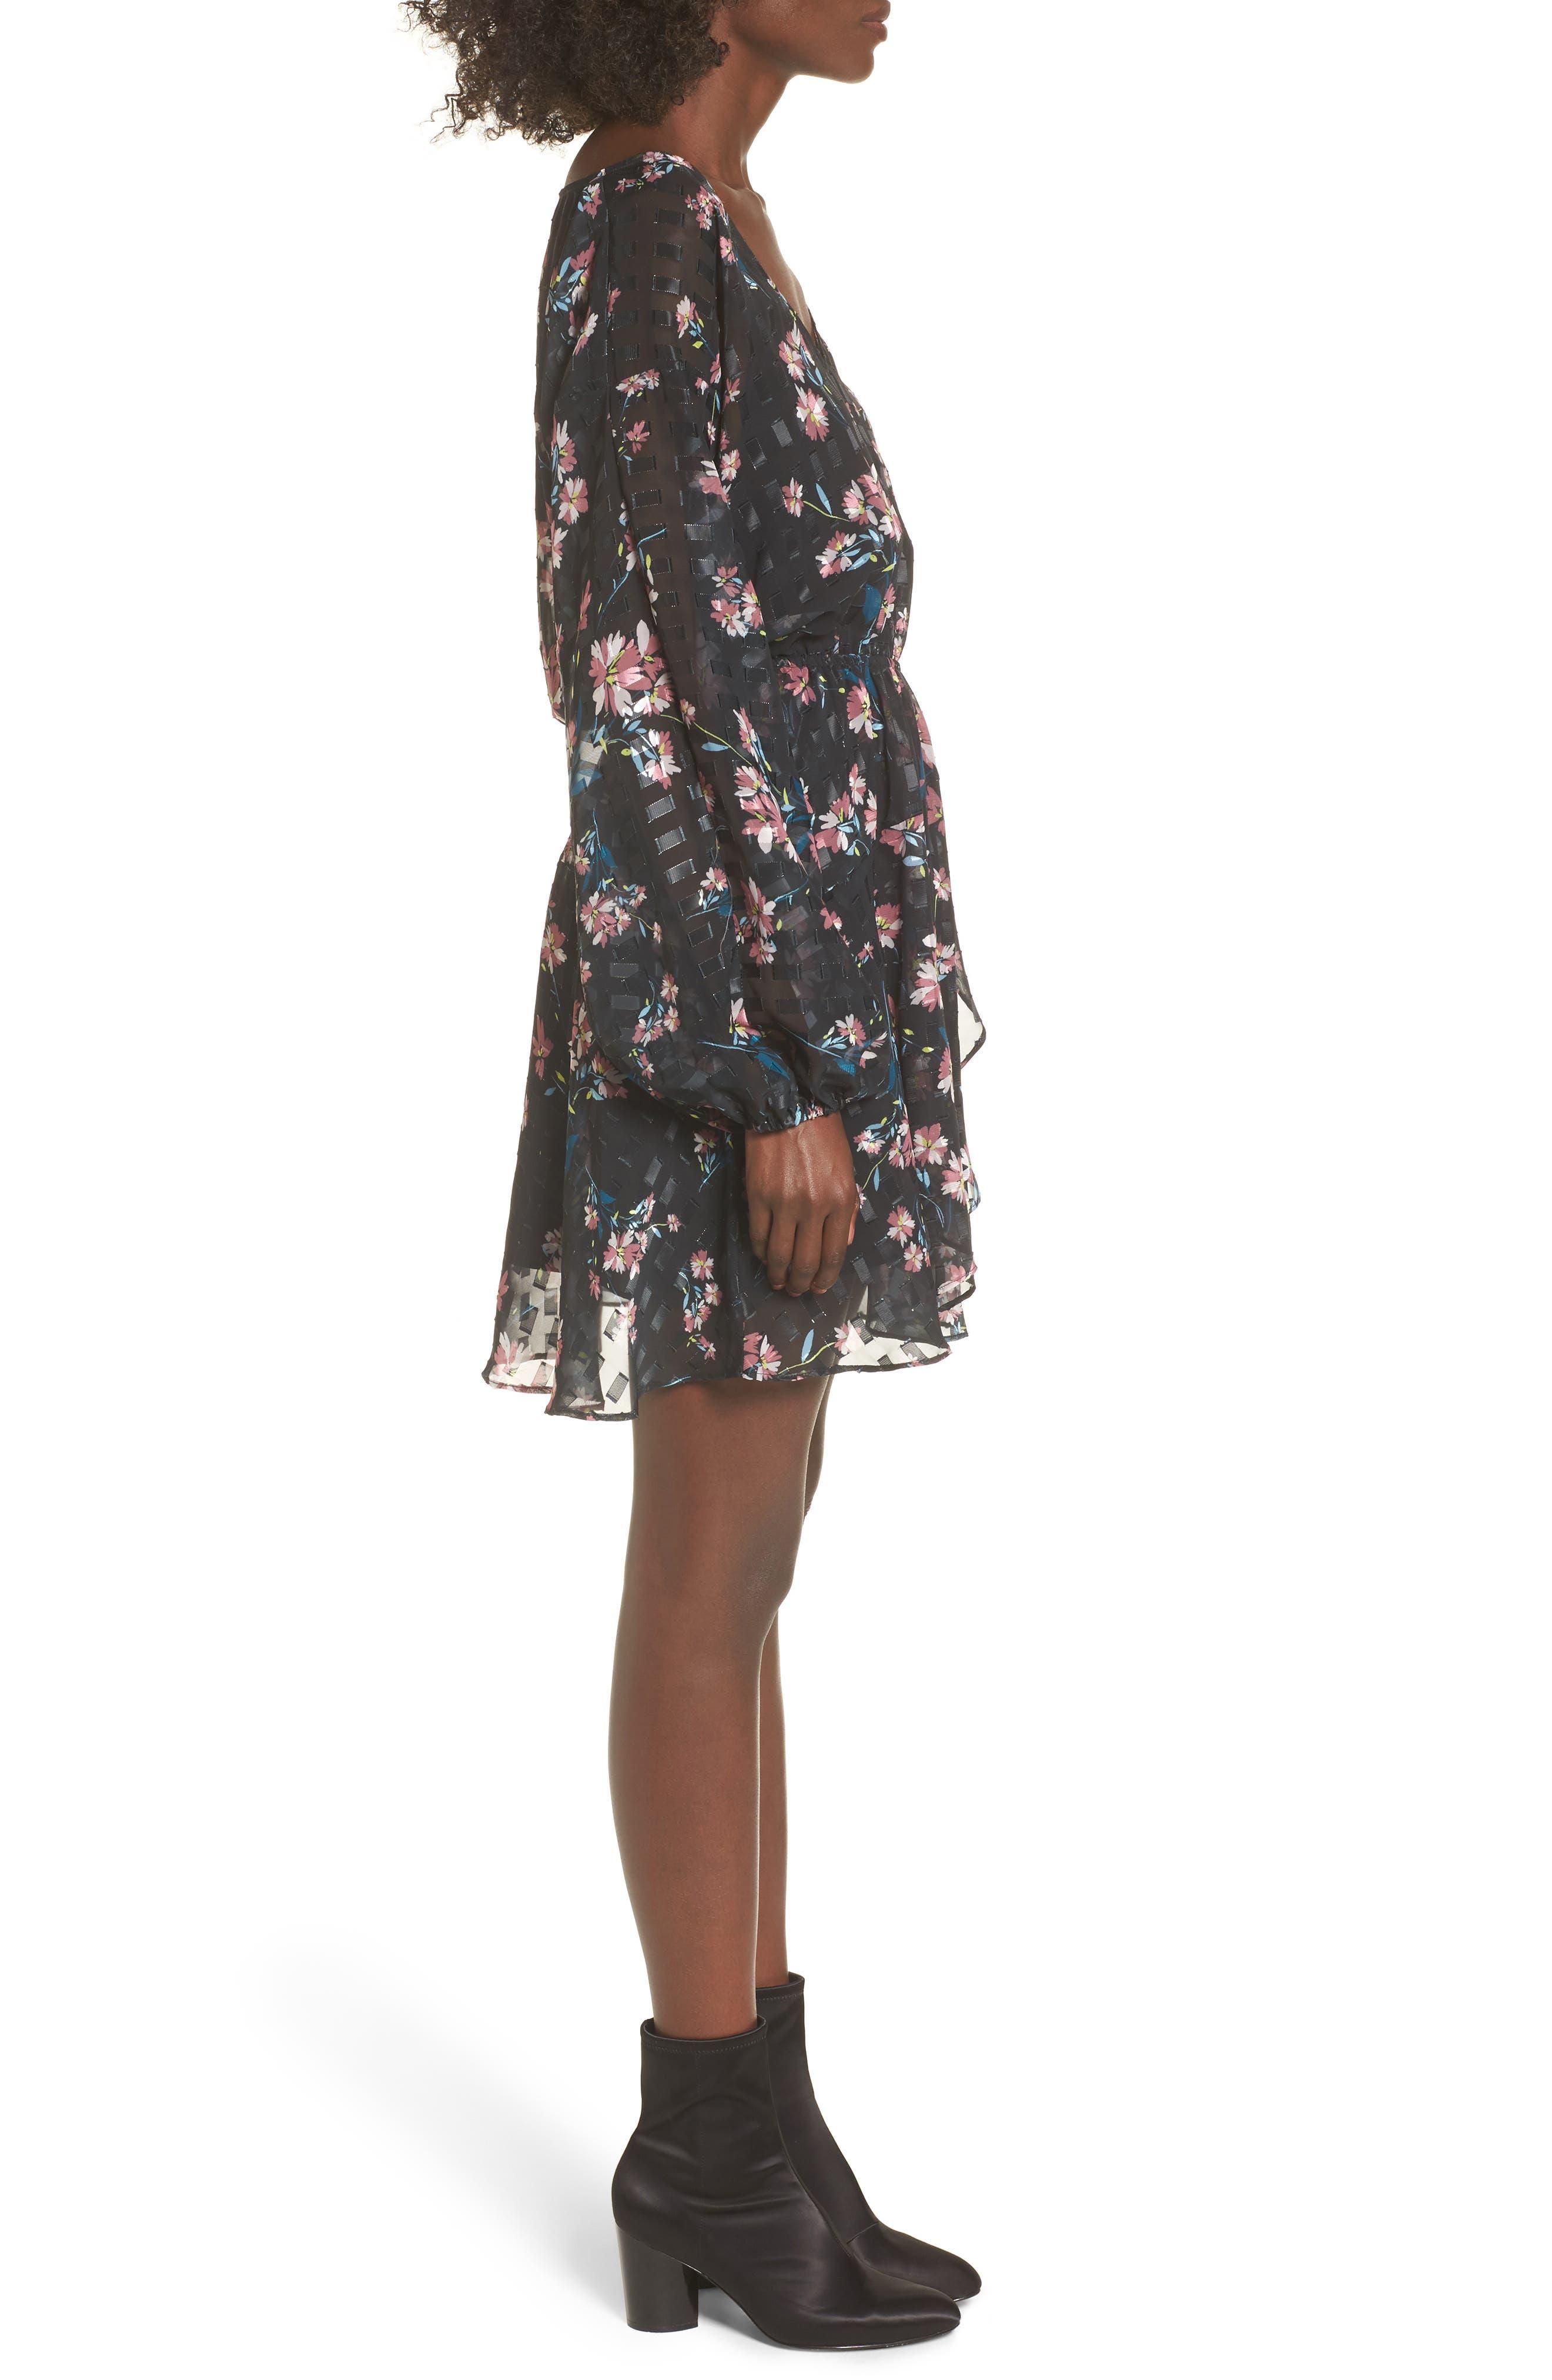 Alexis Floral Dress,                             Alternate thumbnail 3, color,                             002